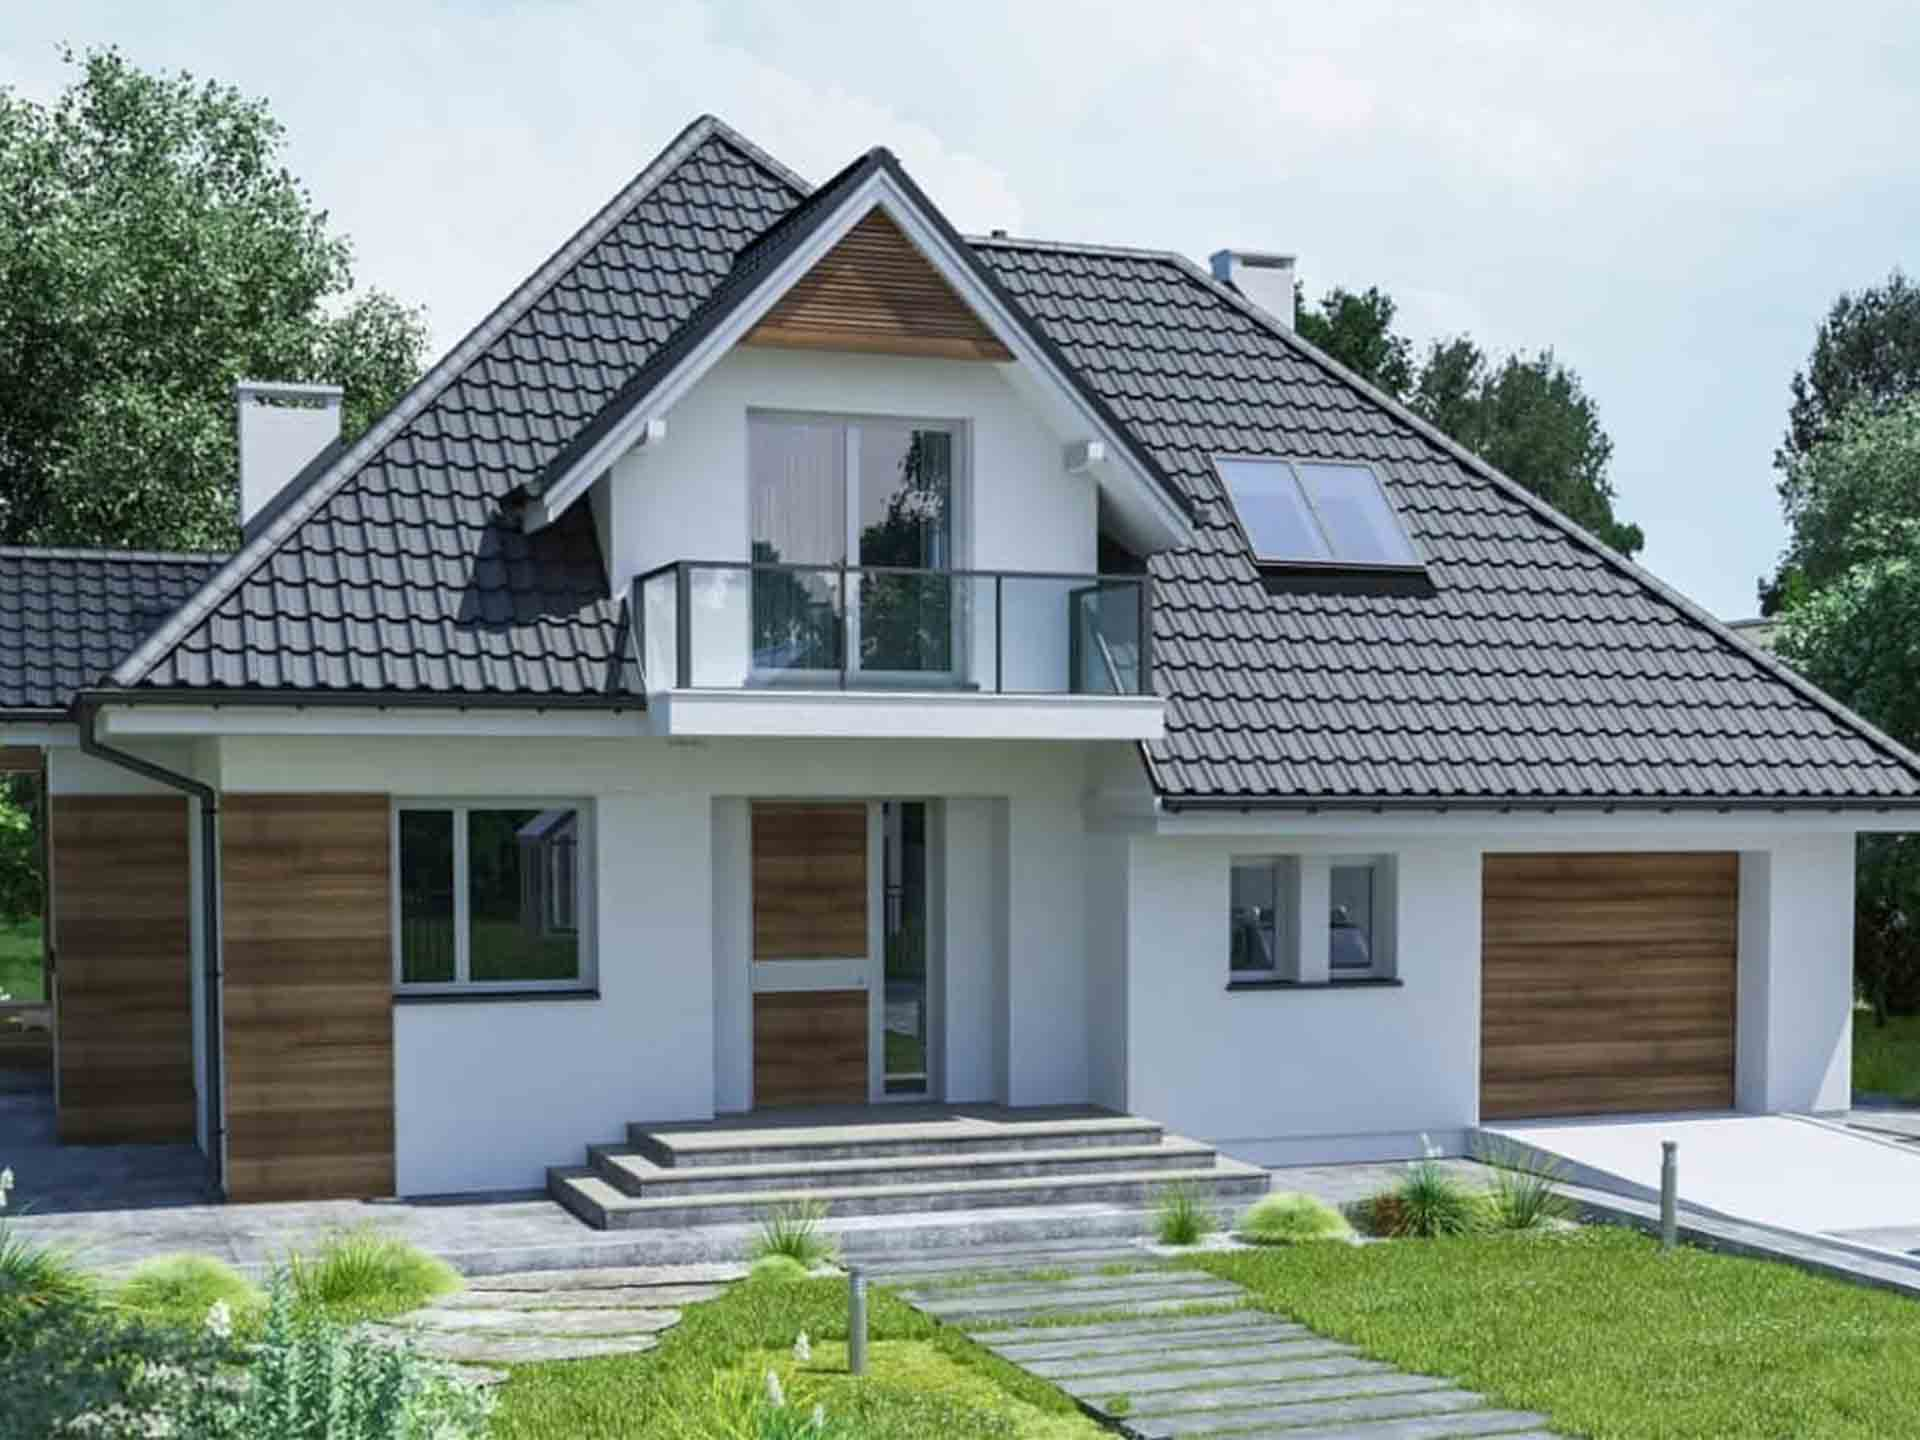 Ando-Haus Hausvisualisierung